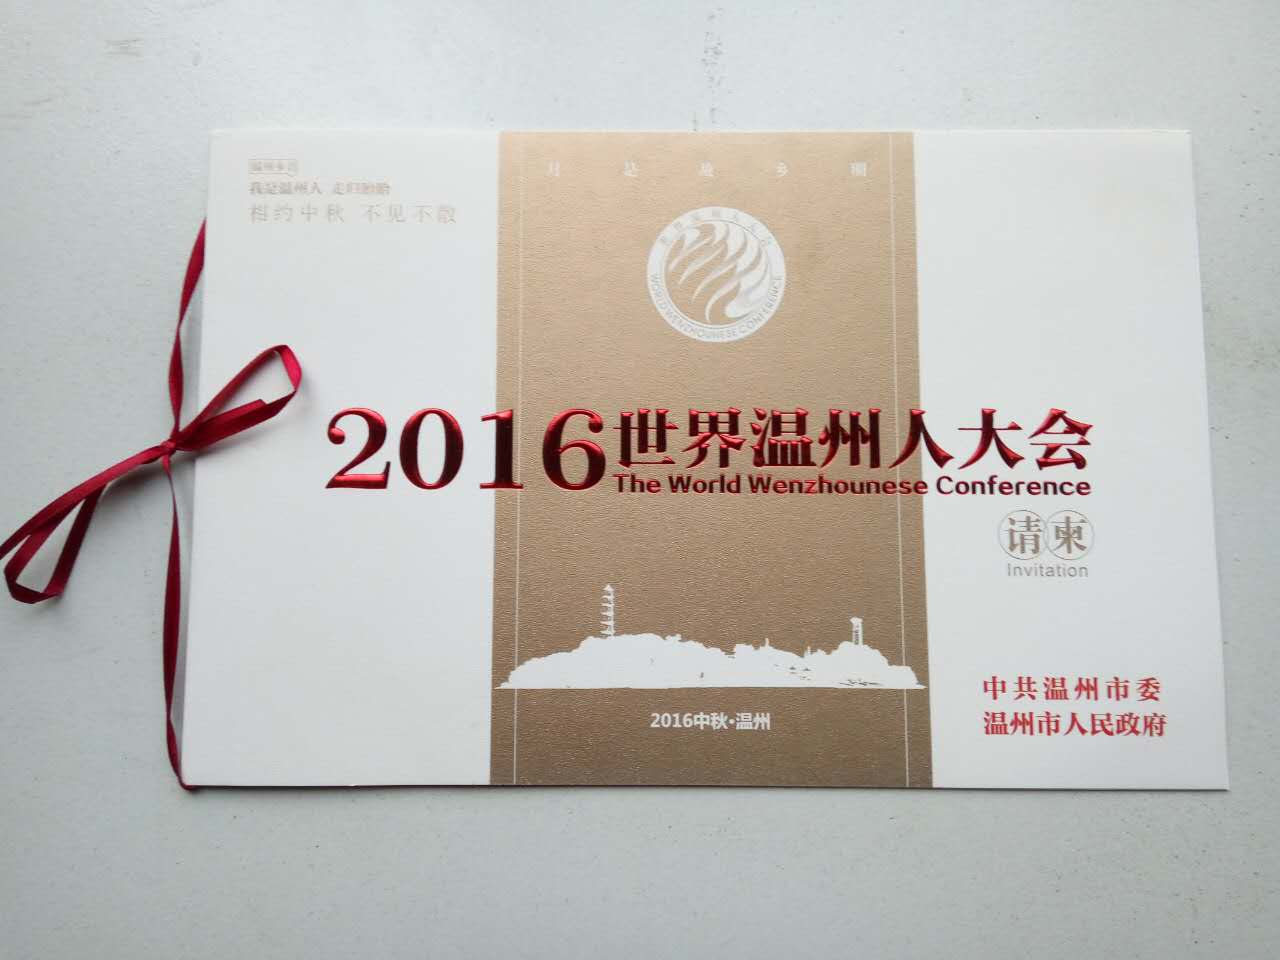 2016世界温州人大会